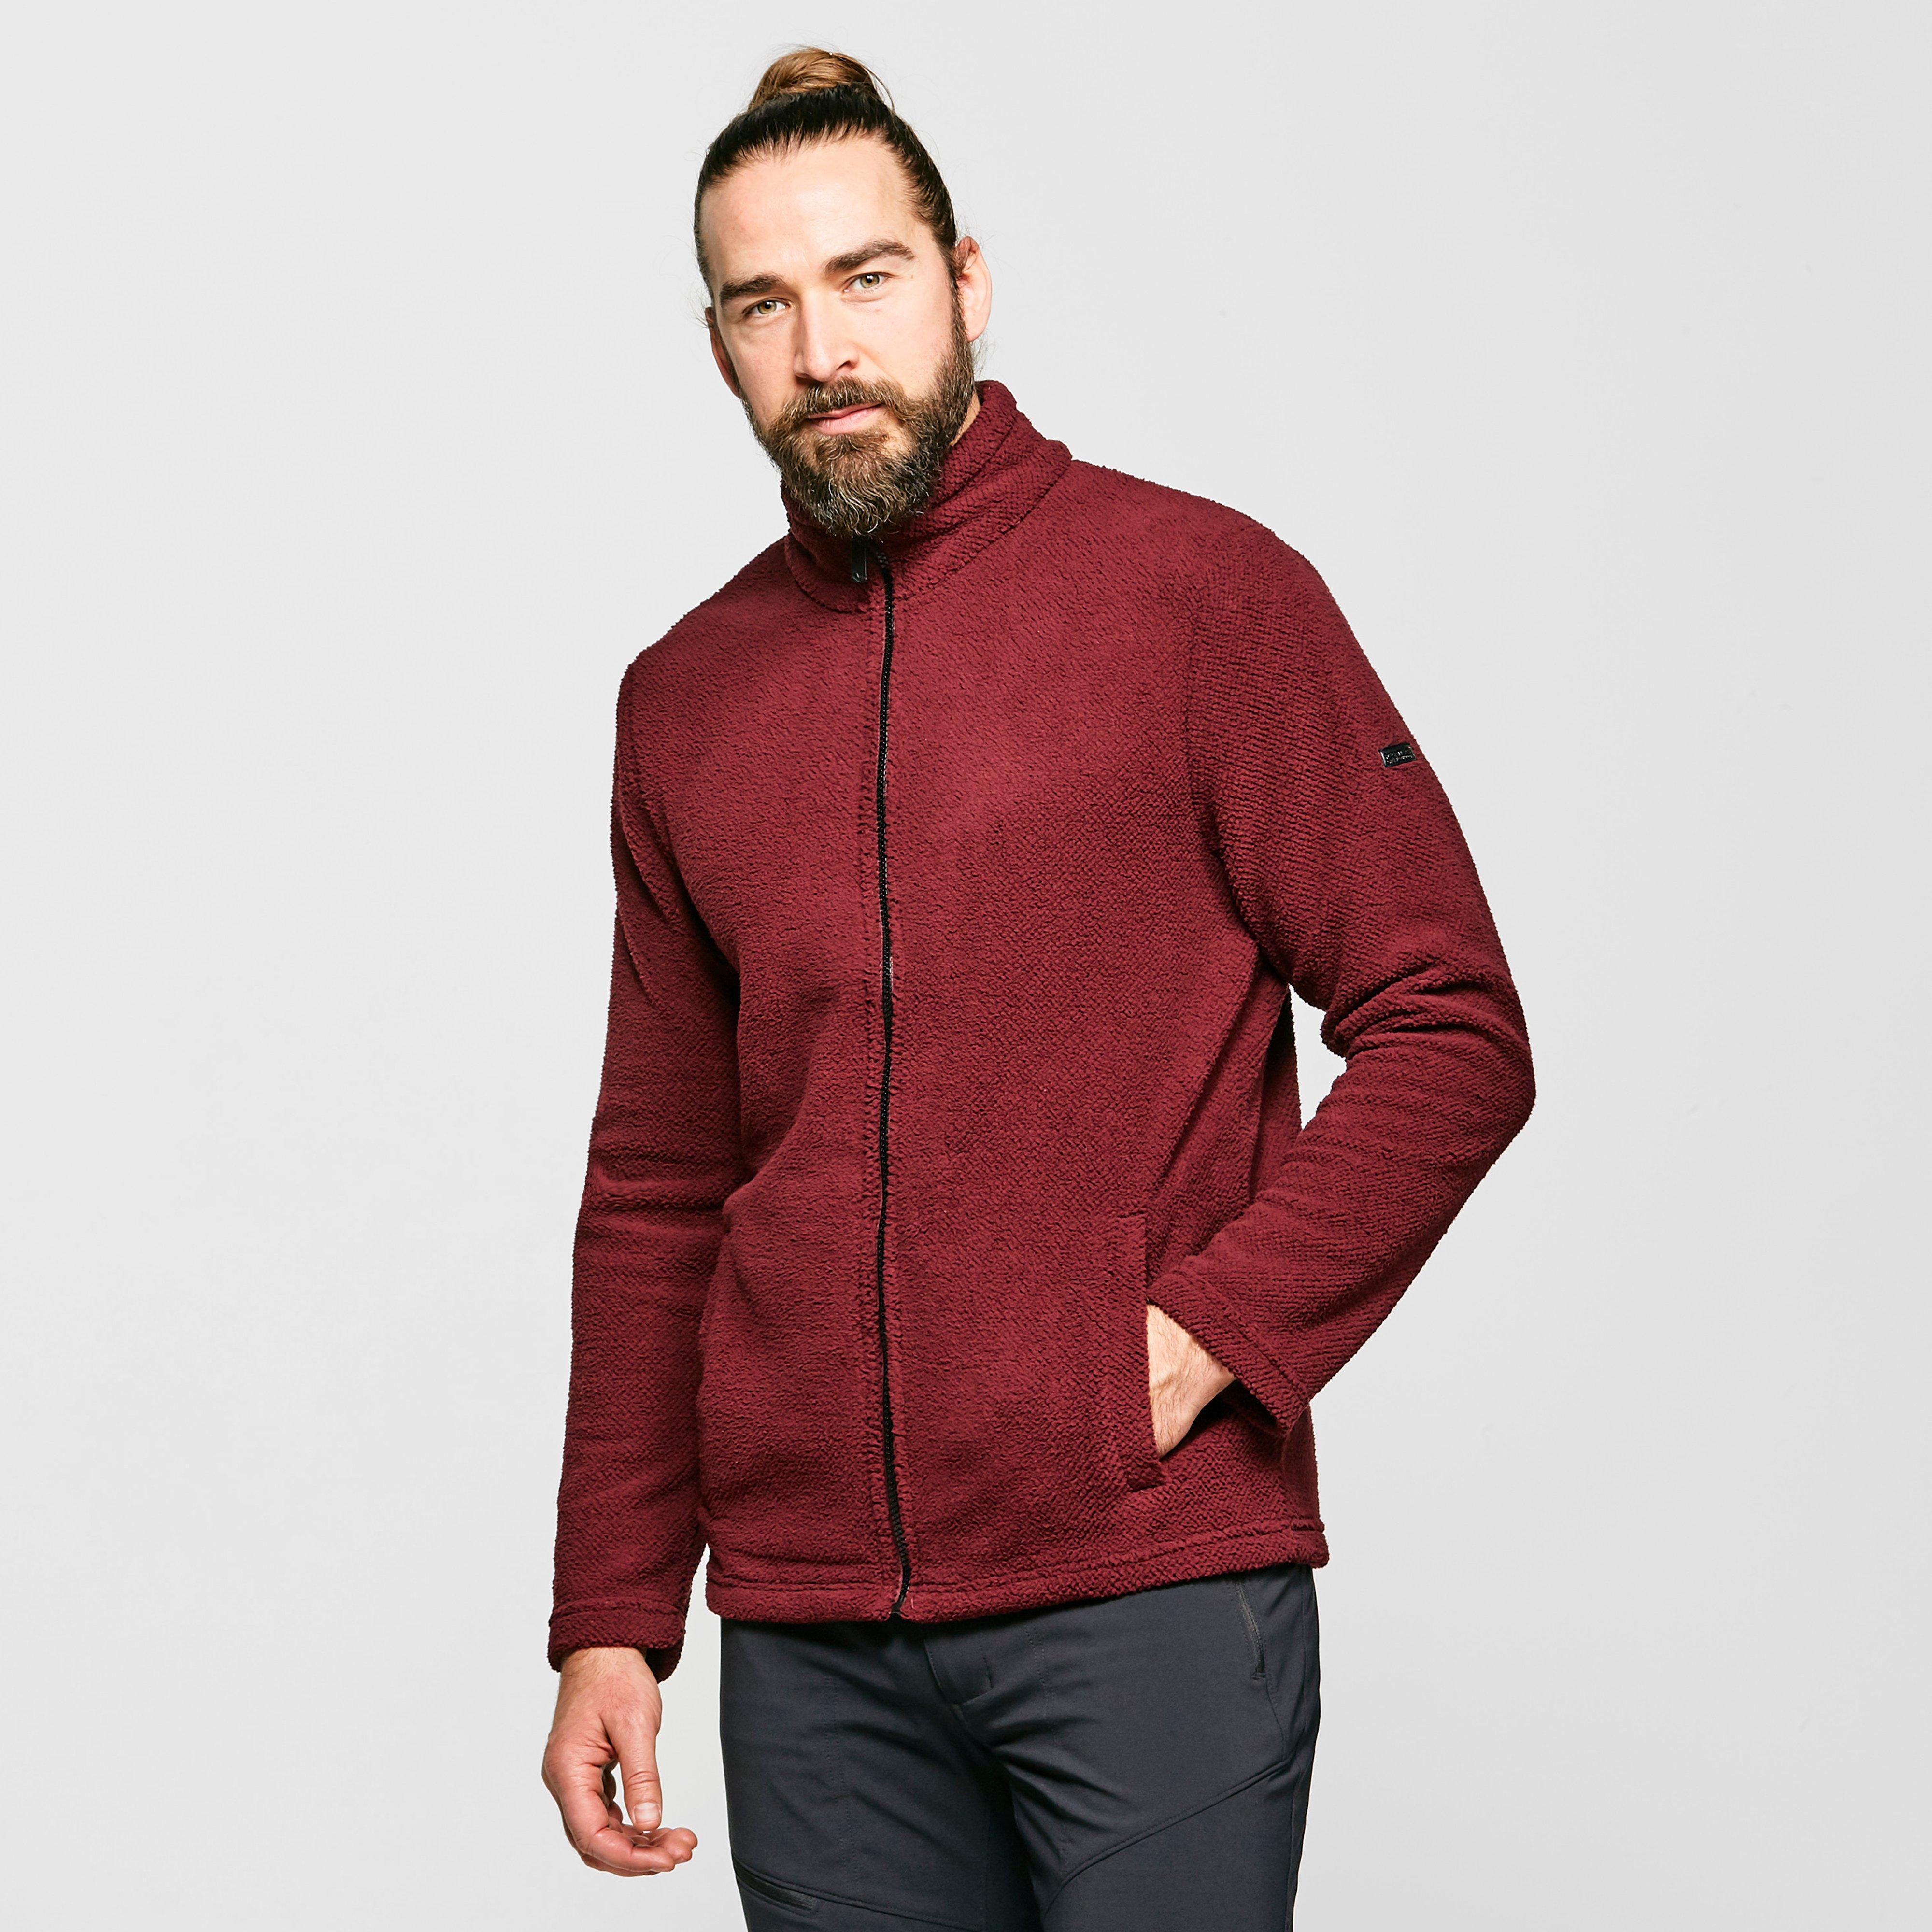 Regatta Men's Esdras Full-Zip Fleece - Red/Drd, Red